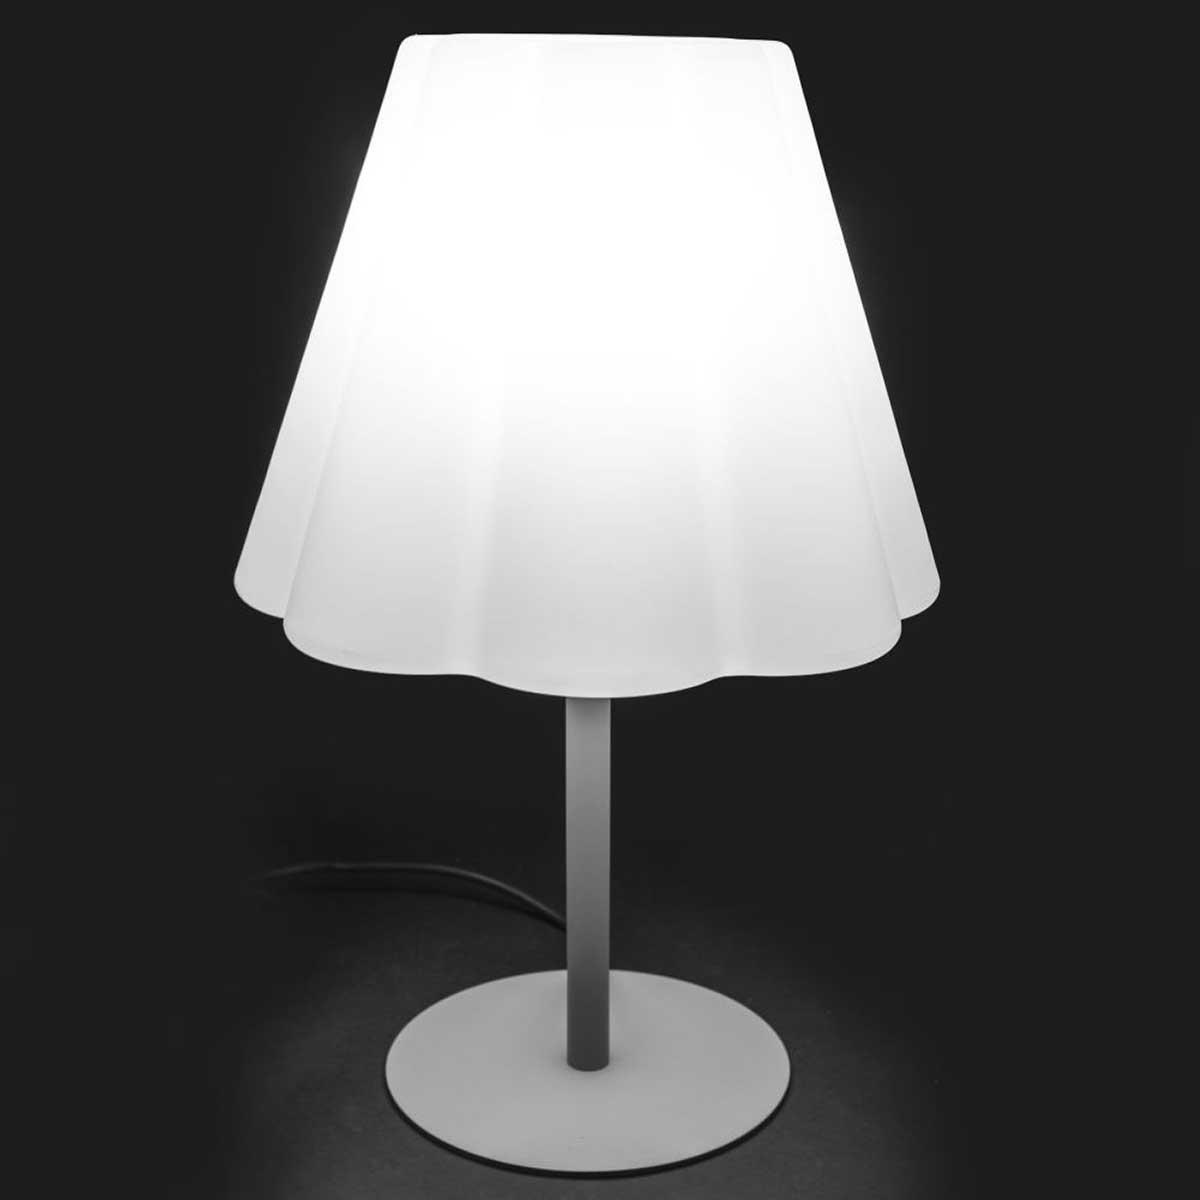 Lampe de table d'extérieur - Banc - 39.00 cm x 39.00 cm x 60.00 cm